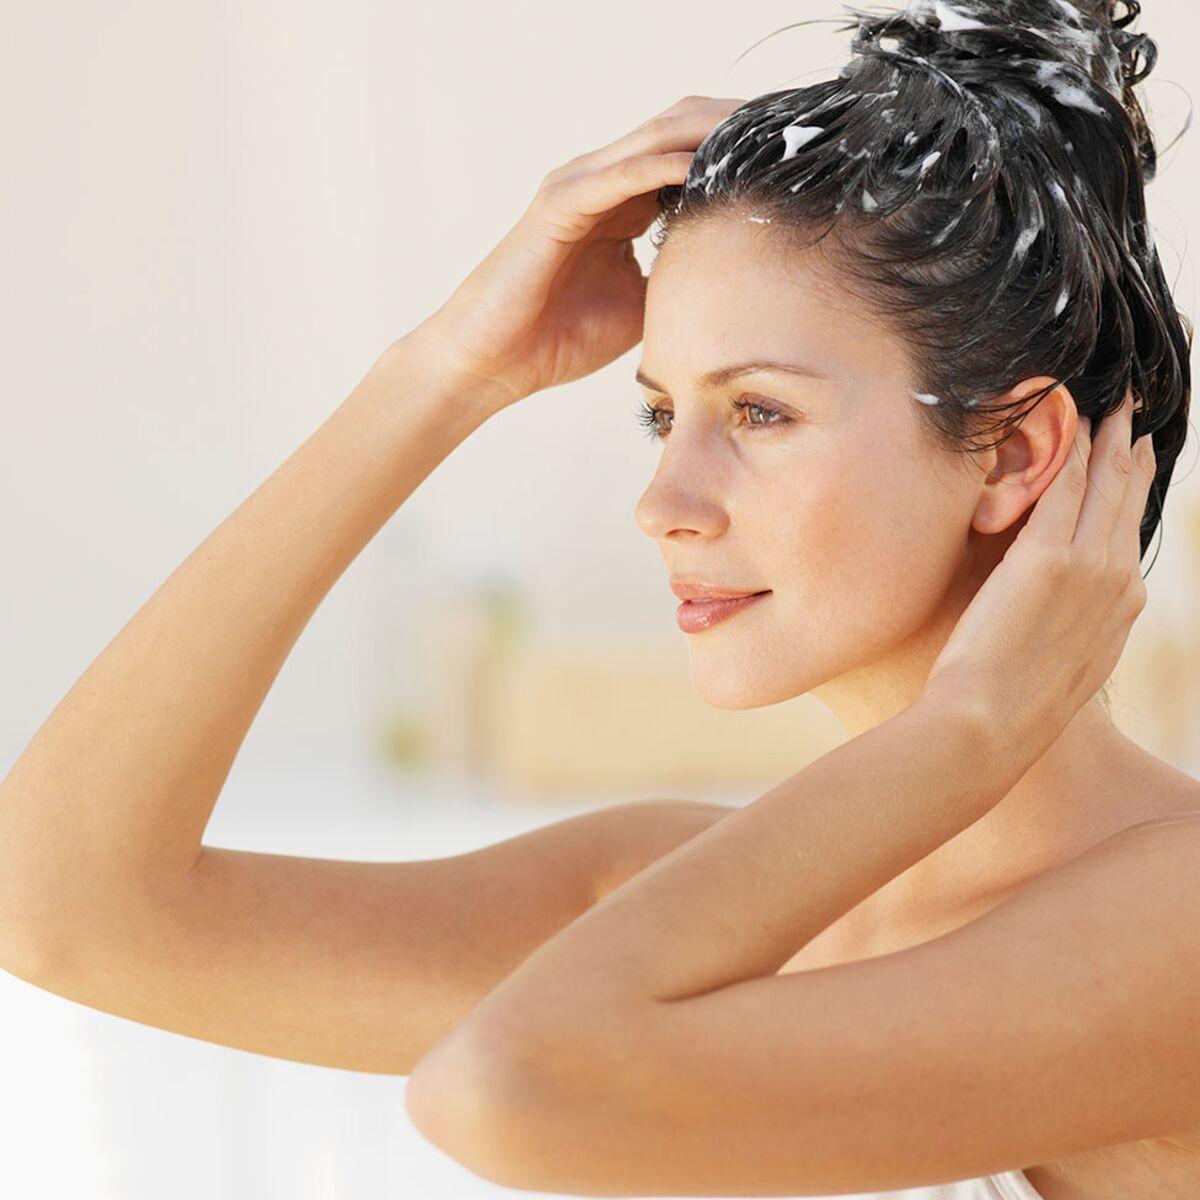 10 Recettes De Masques Maison Pour Les Cheveux Femme Actuelle Le Mag